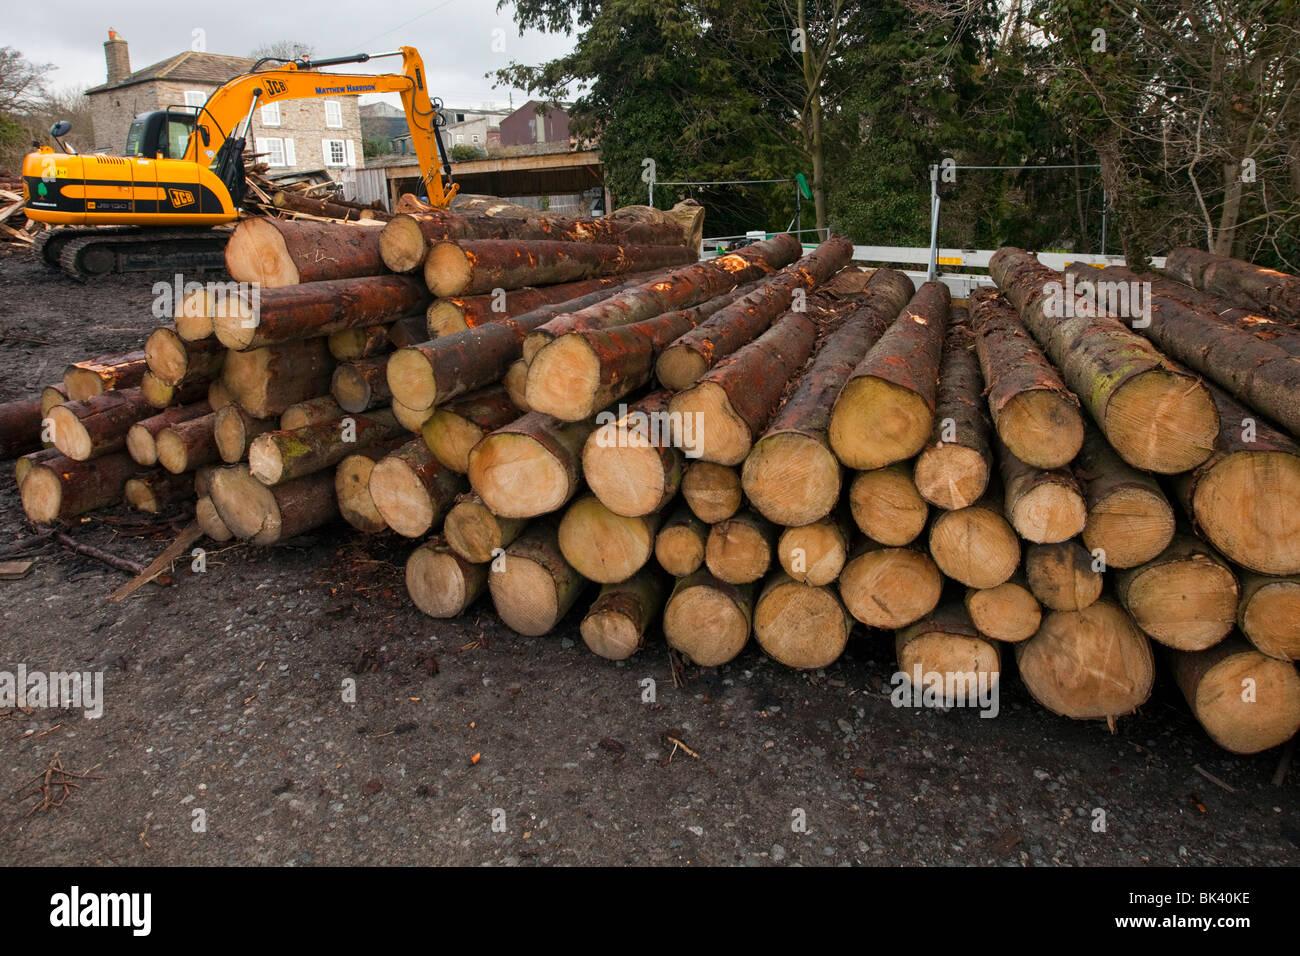 La deforestación, los árboles que se picará hacia abajo para dar paso a las tierras agrícolas Imagen De Stock